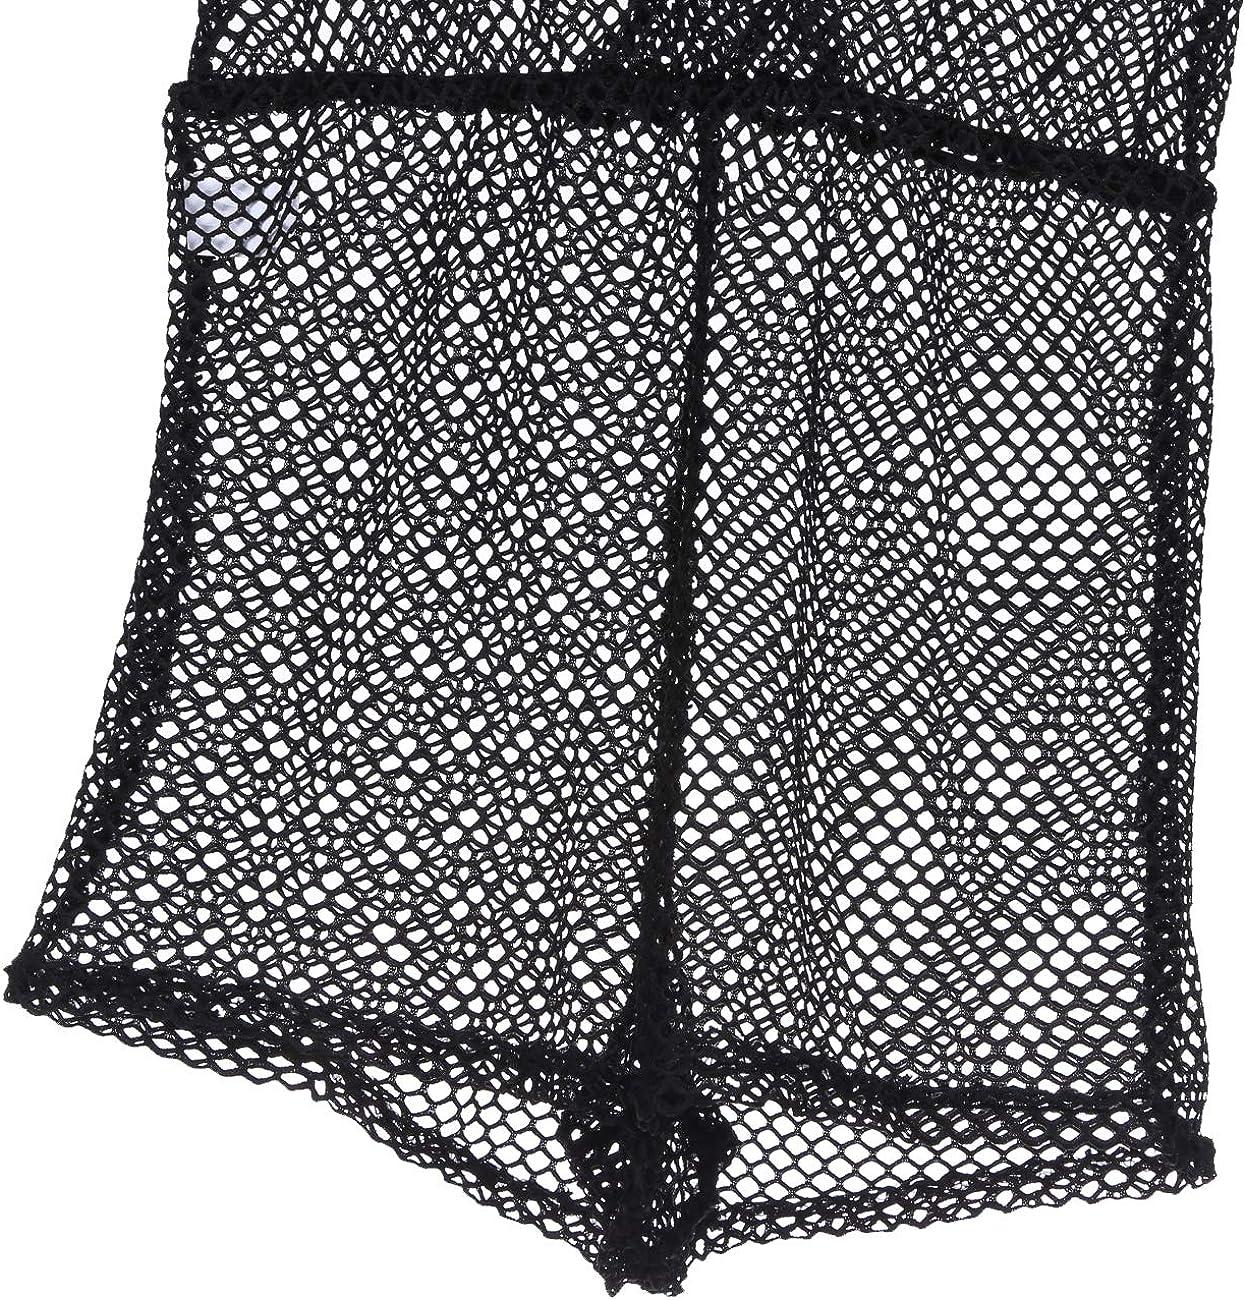 Loalirando Combi-Short Cache Maillot de Bain Femme Transparent Ajour/é en R/ésille Mesh Fishnet Noir